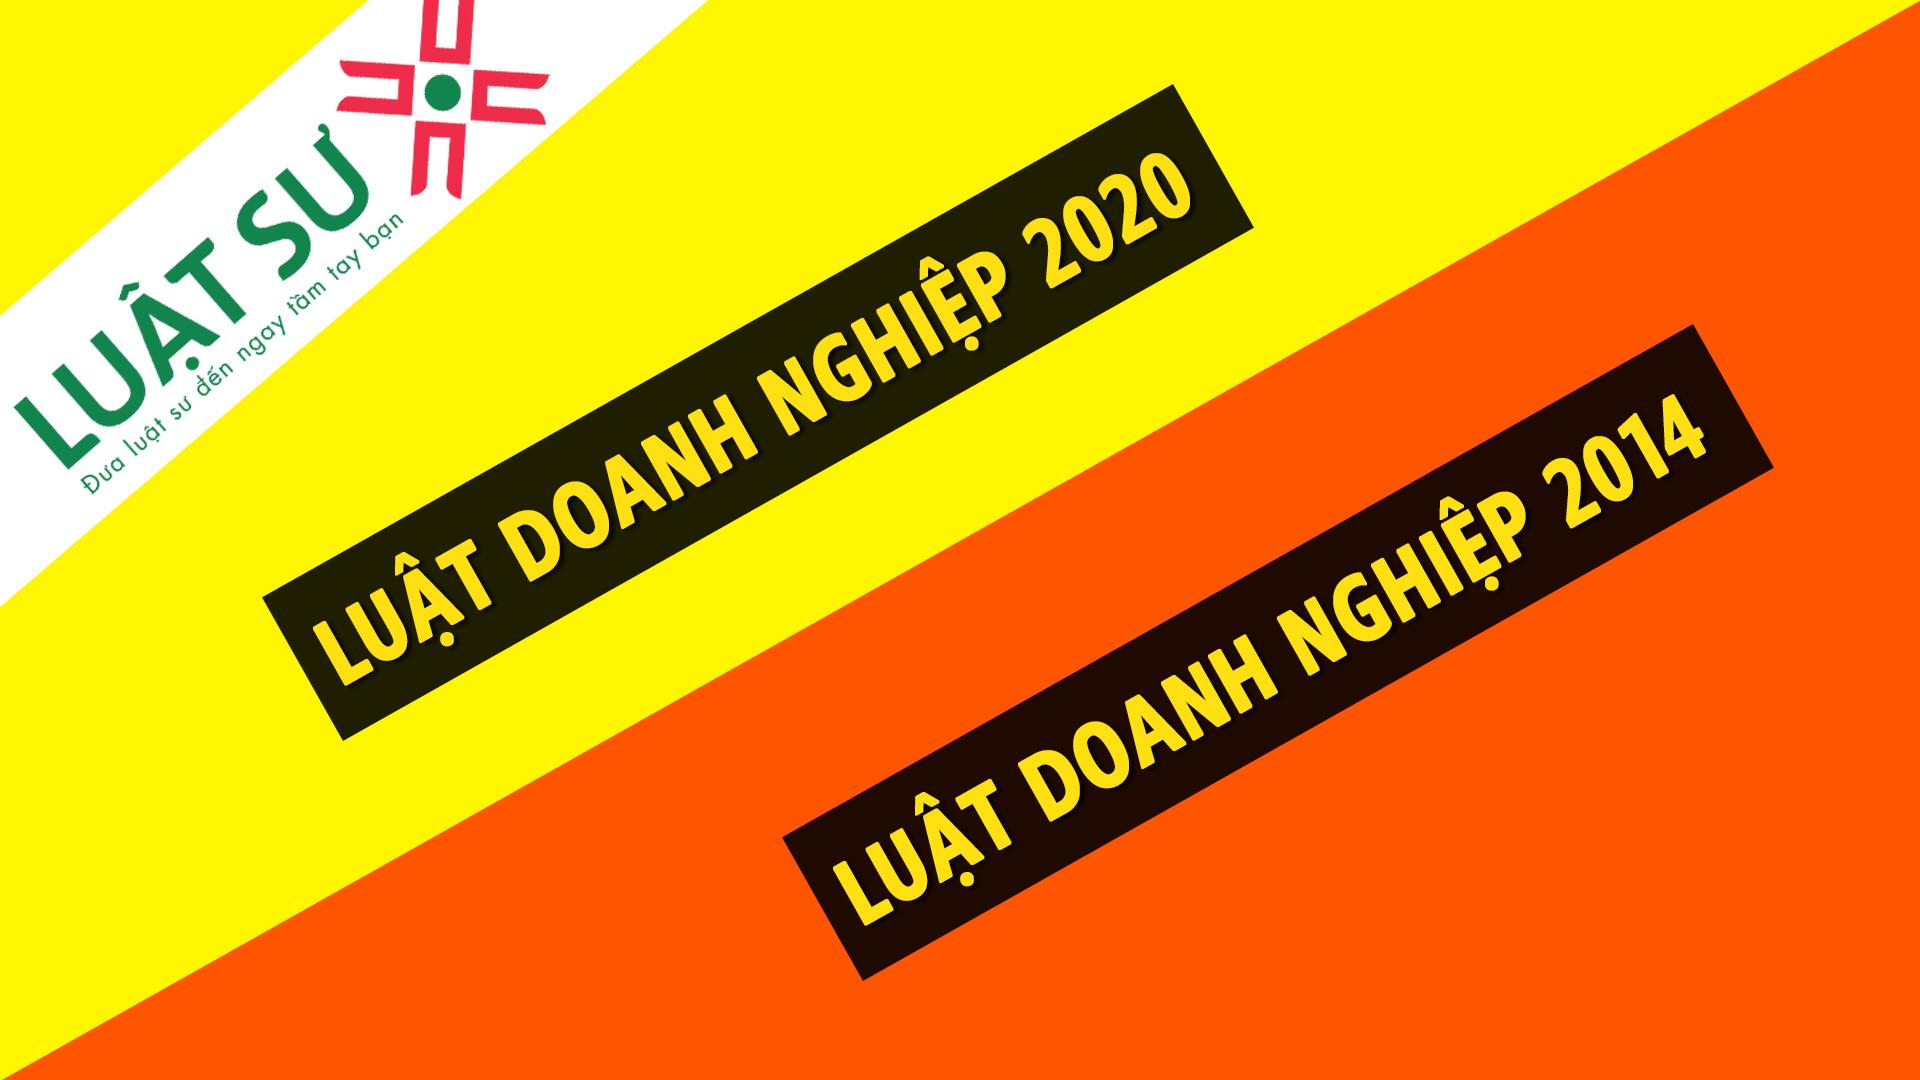 5 điểm mới của Luật Doanh nghiệp 2020 với Luật Doanh nghiệp 2014